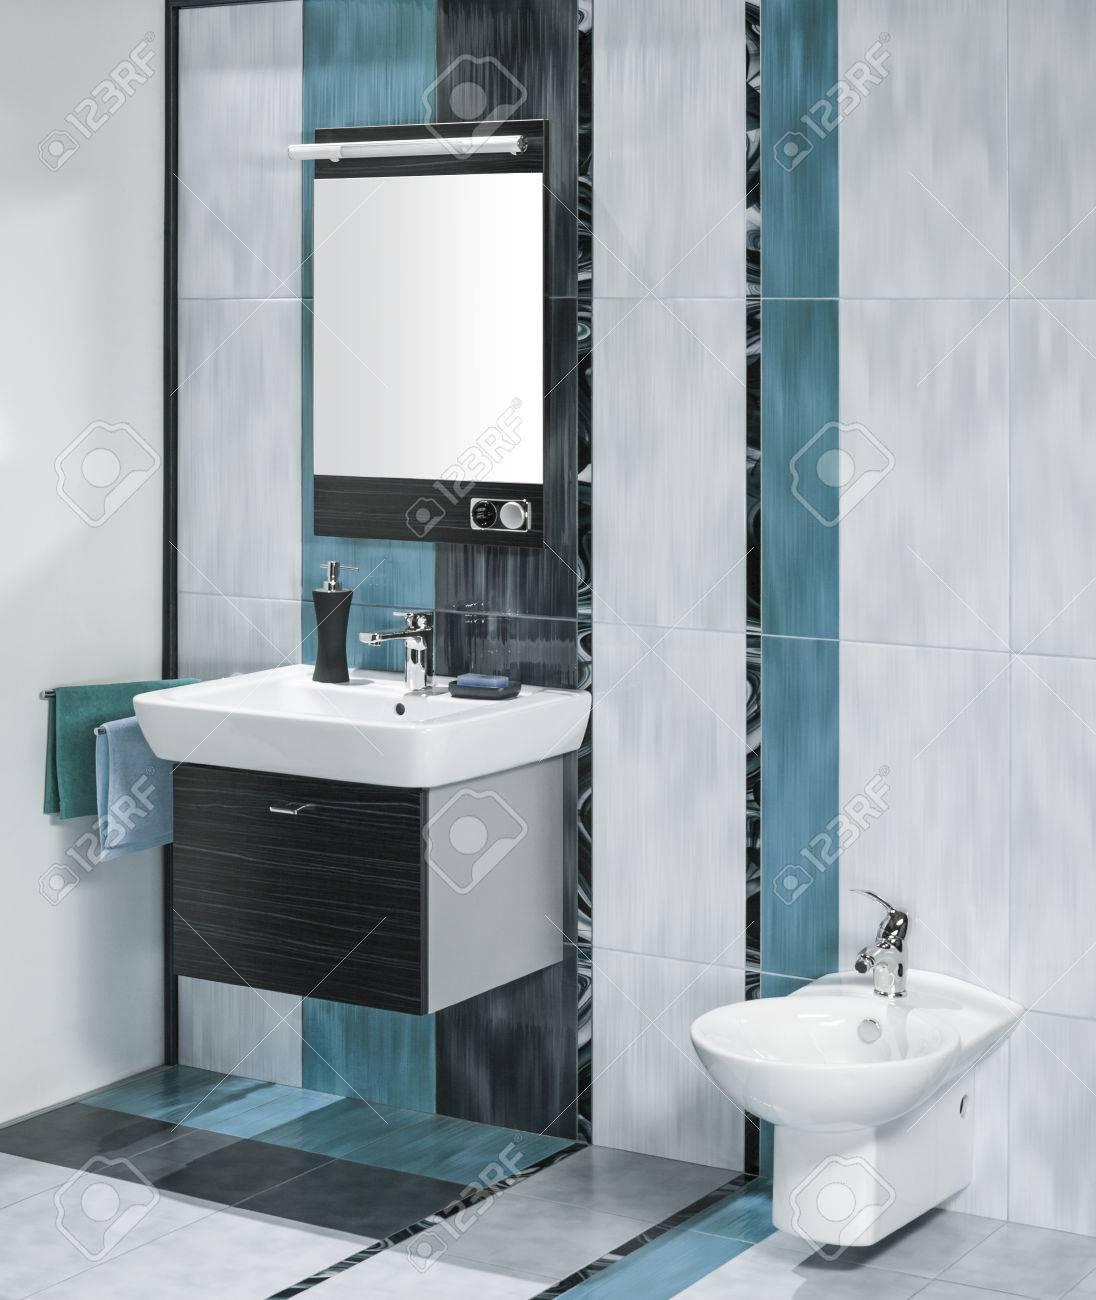 Ausschnitt Aus Einem Luxuriösen Badezimmer Interieur Mit Miror Und ...